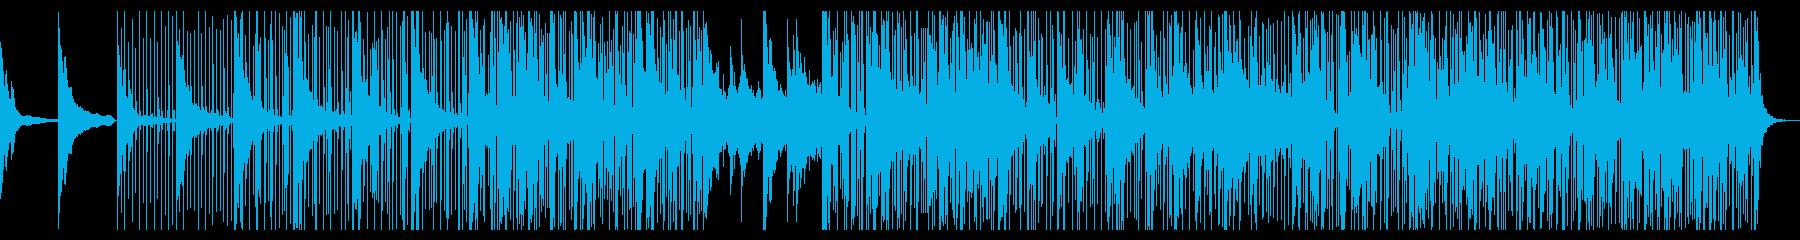 ヒップホップなアンビエントピアノジャズの再生済みの波形